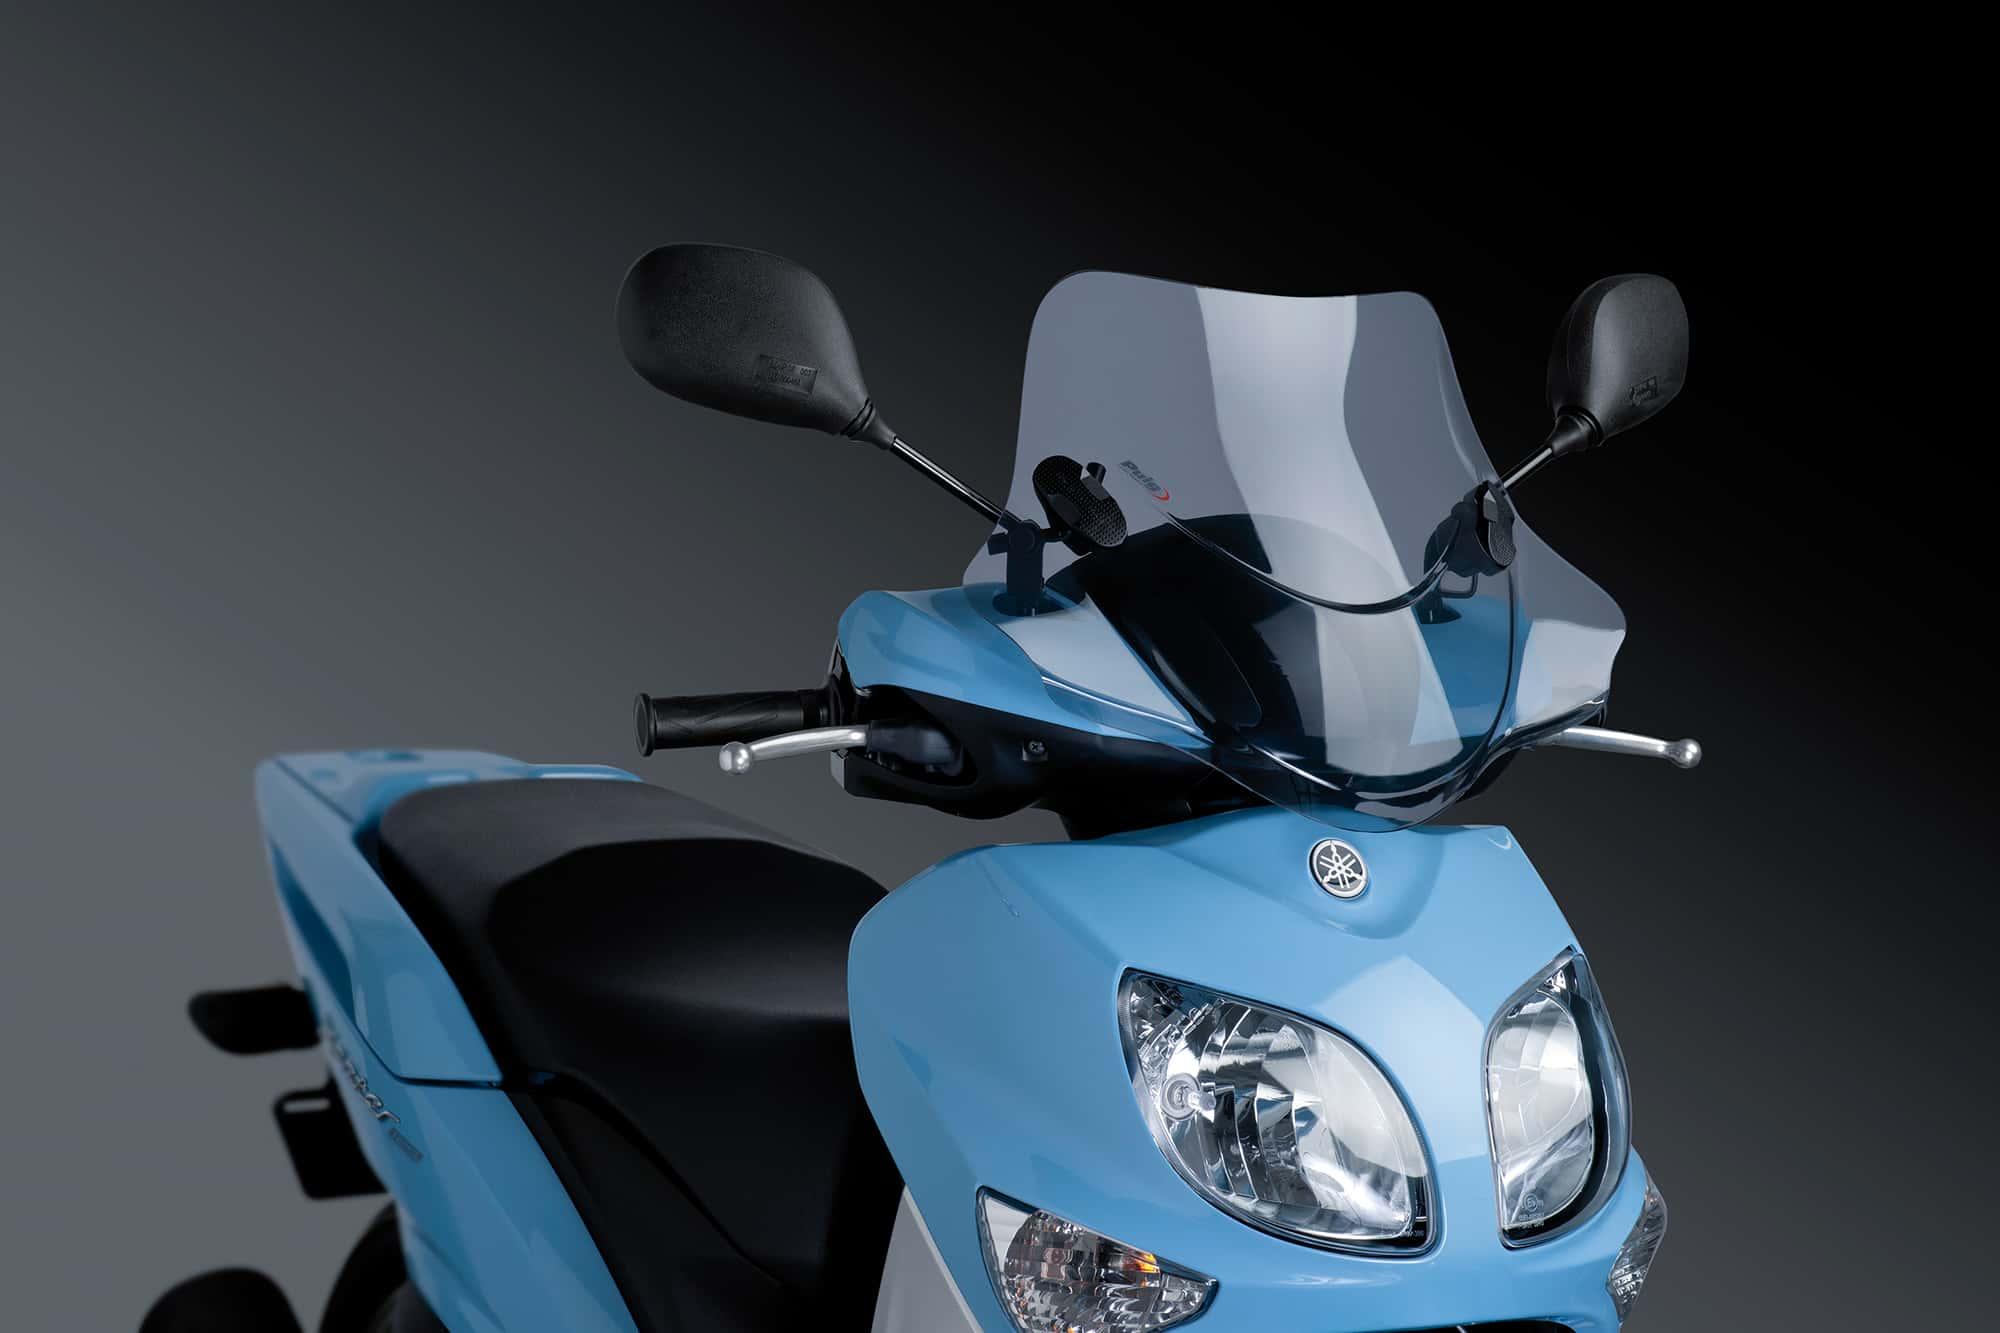 Cúpula Puig City Sport ahumado 6369 para moto SYM HD2 125/200i